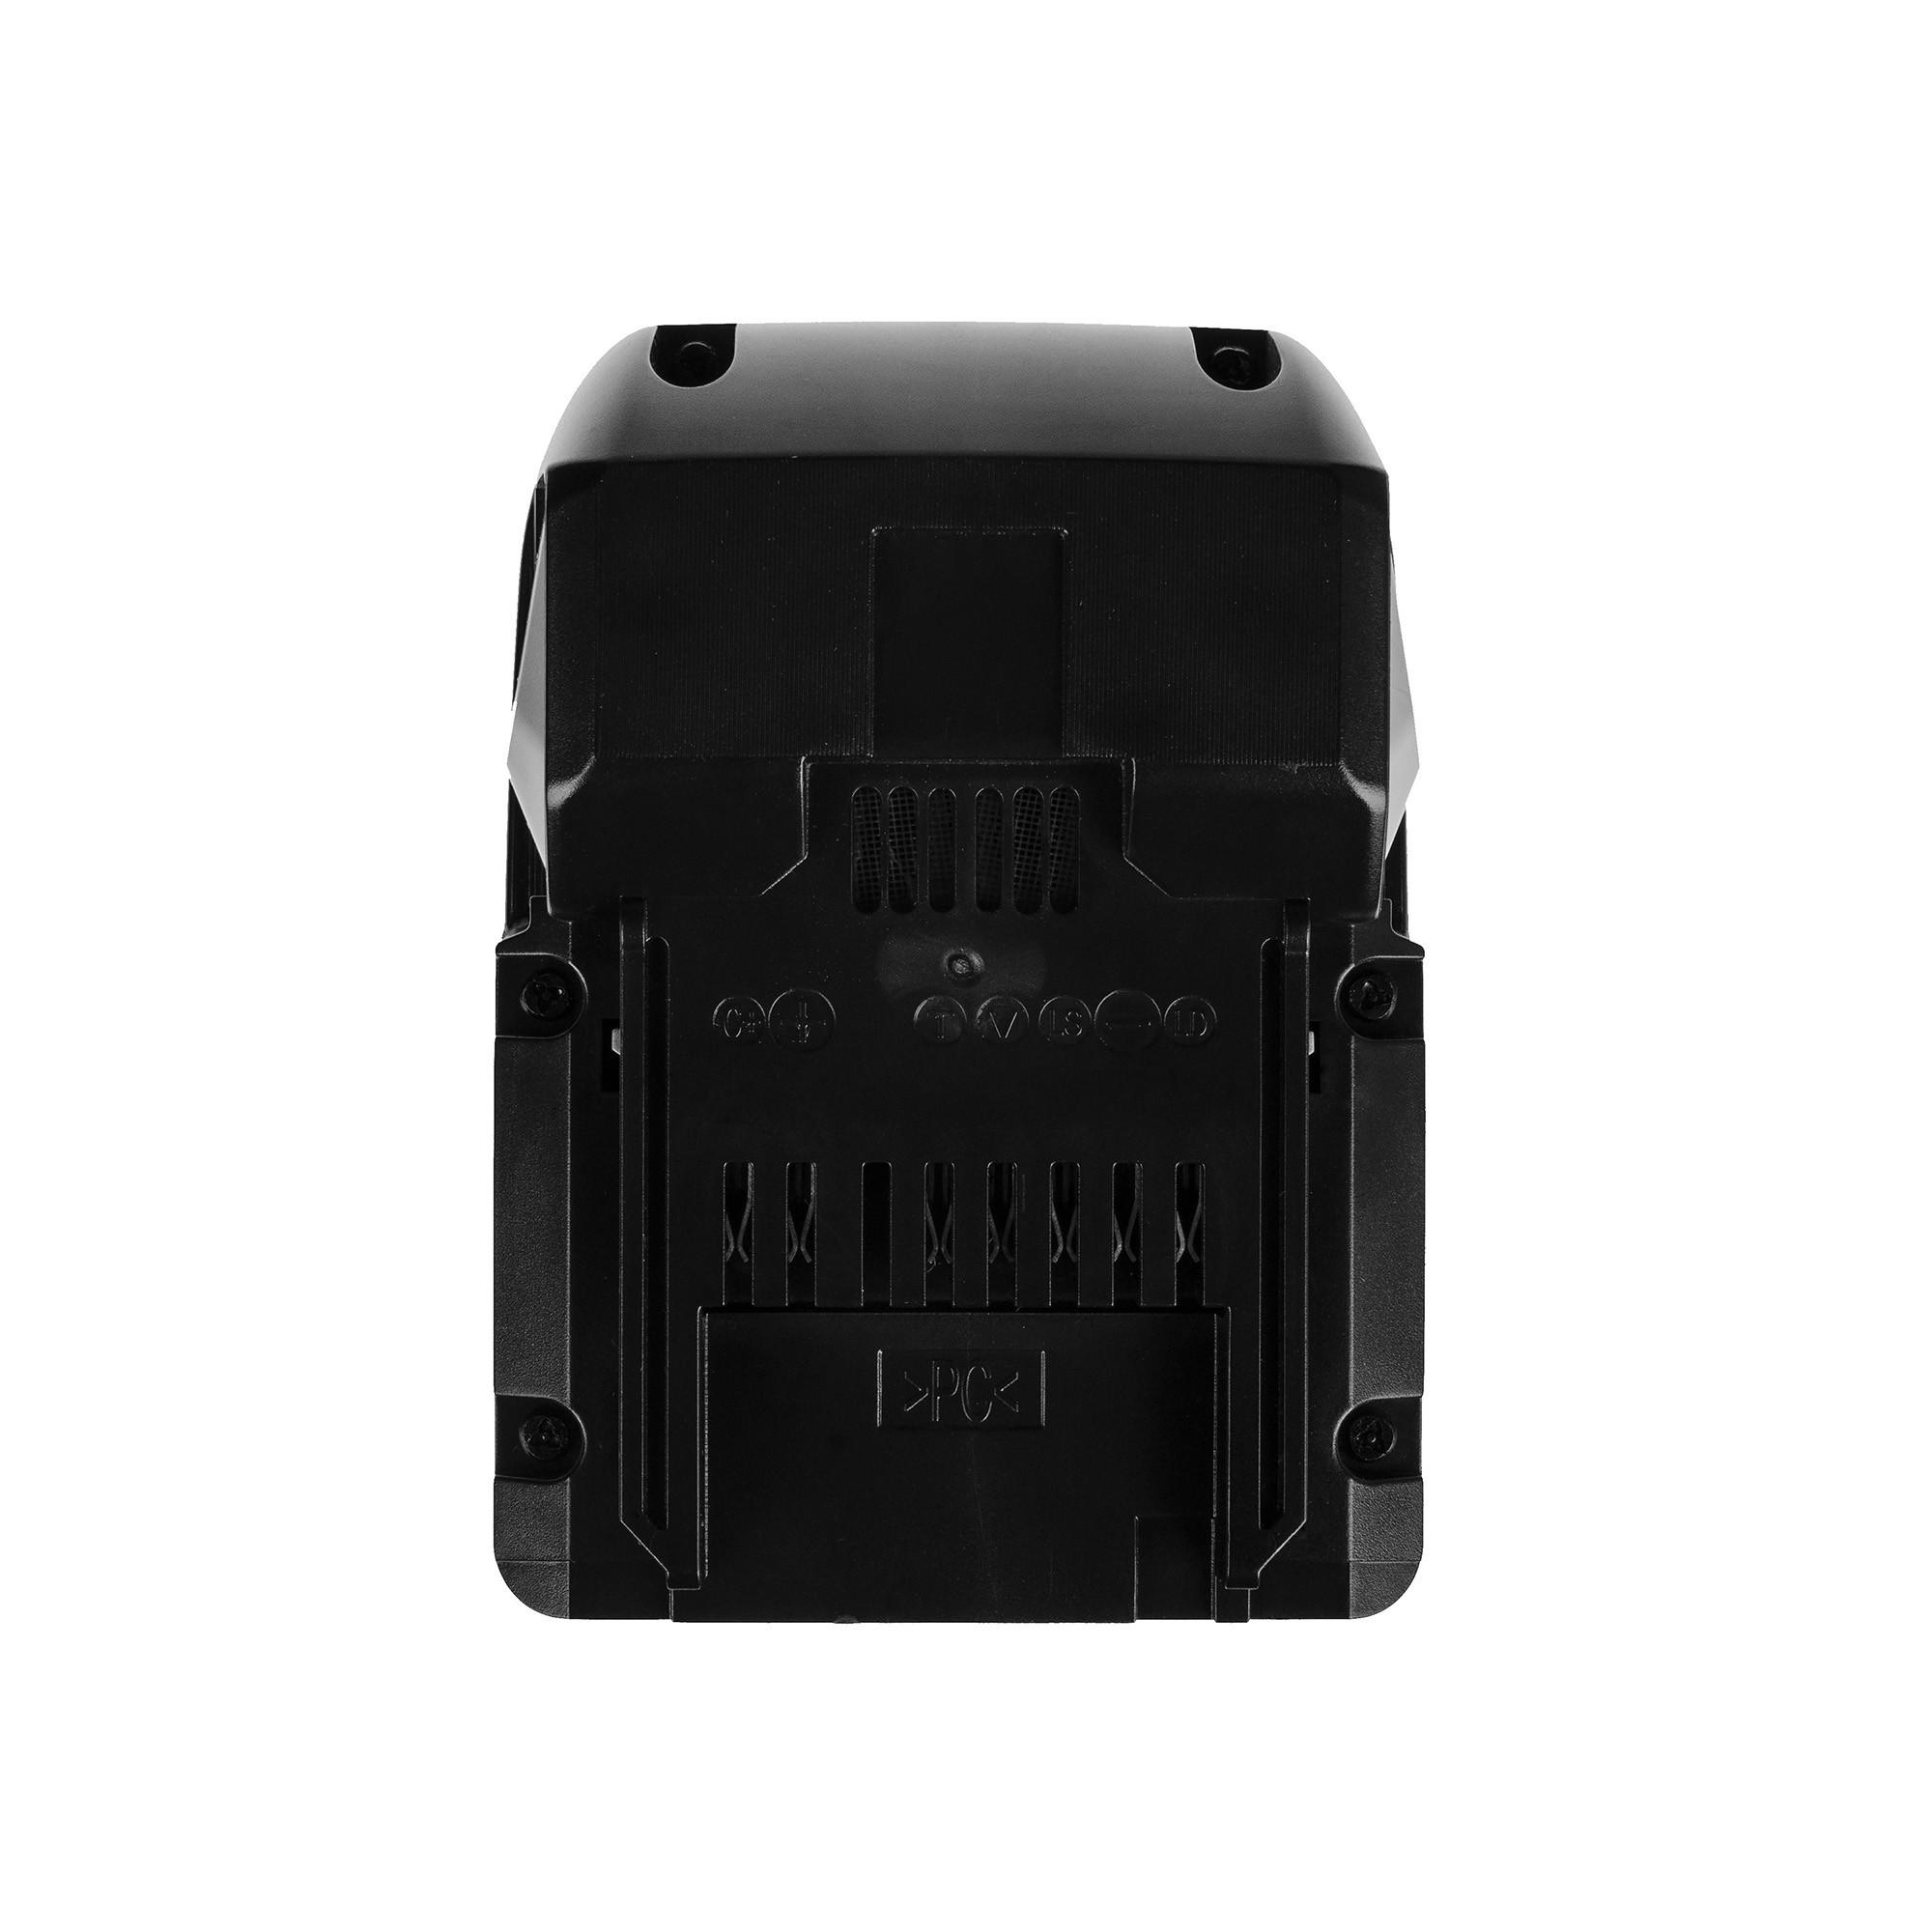 Baterie Green Cell Hitachi BSL 3620 BSL 3626 Hitachi CG 36DL CS 36DL DH 36DL ML 36DL RB 36DL 36V 3000mAh Li-ion - neoriginální